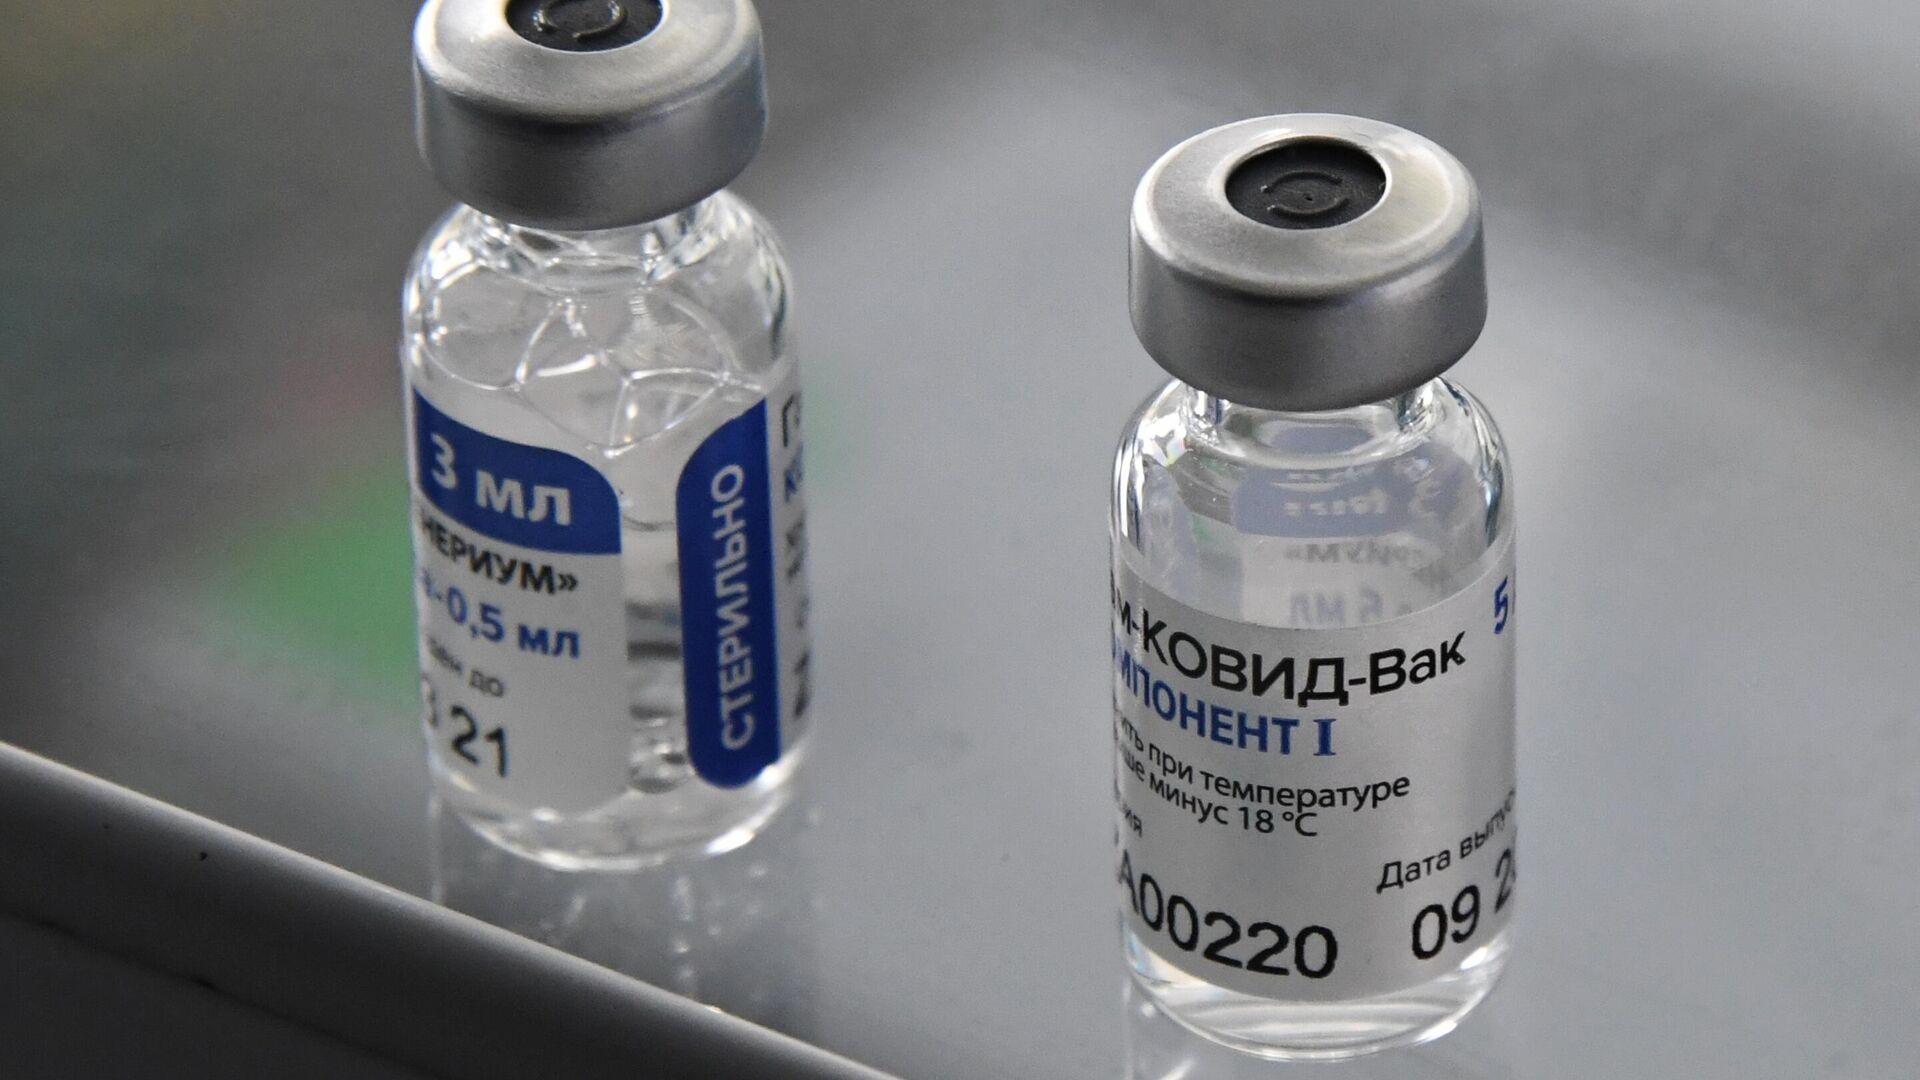 """Мясников сравнил """"Спутник V"""" и вакцину от Pfizer - РИА Новости, 20.12.2020"""